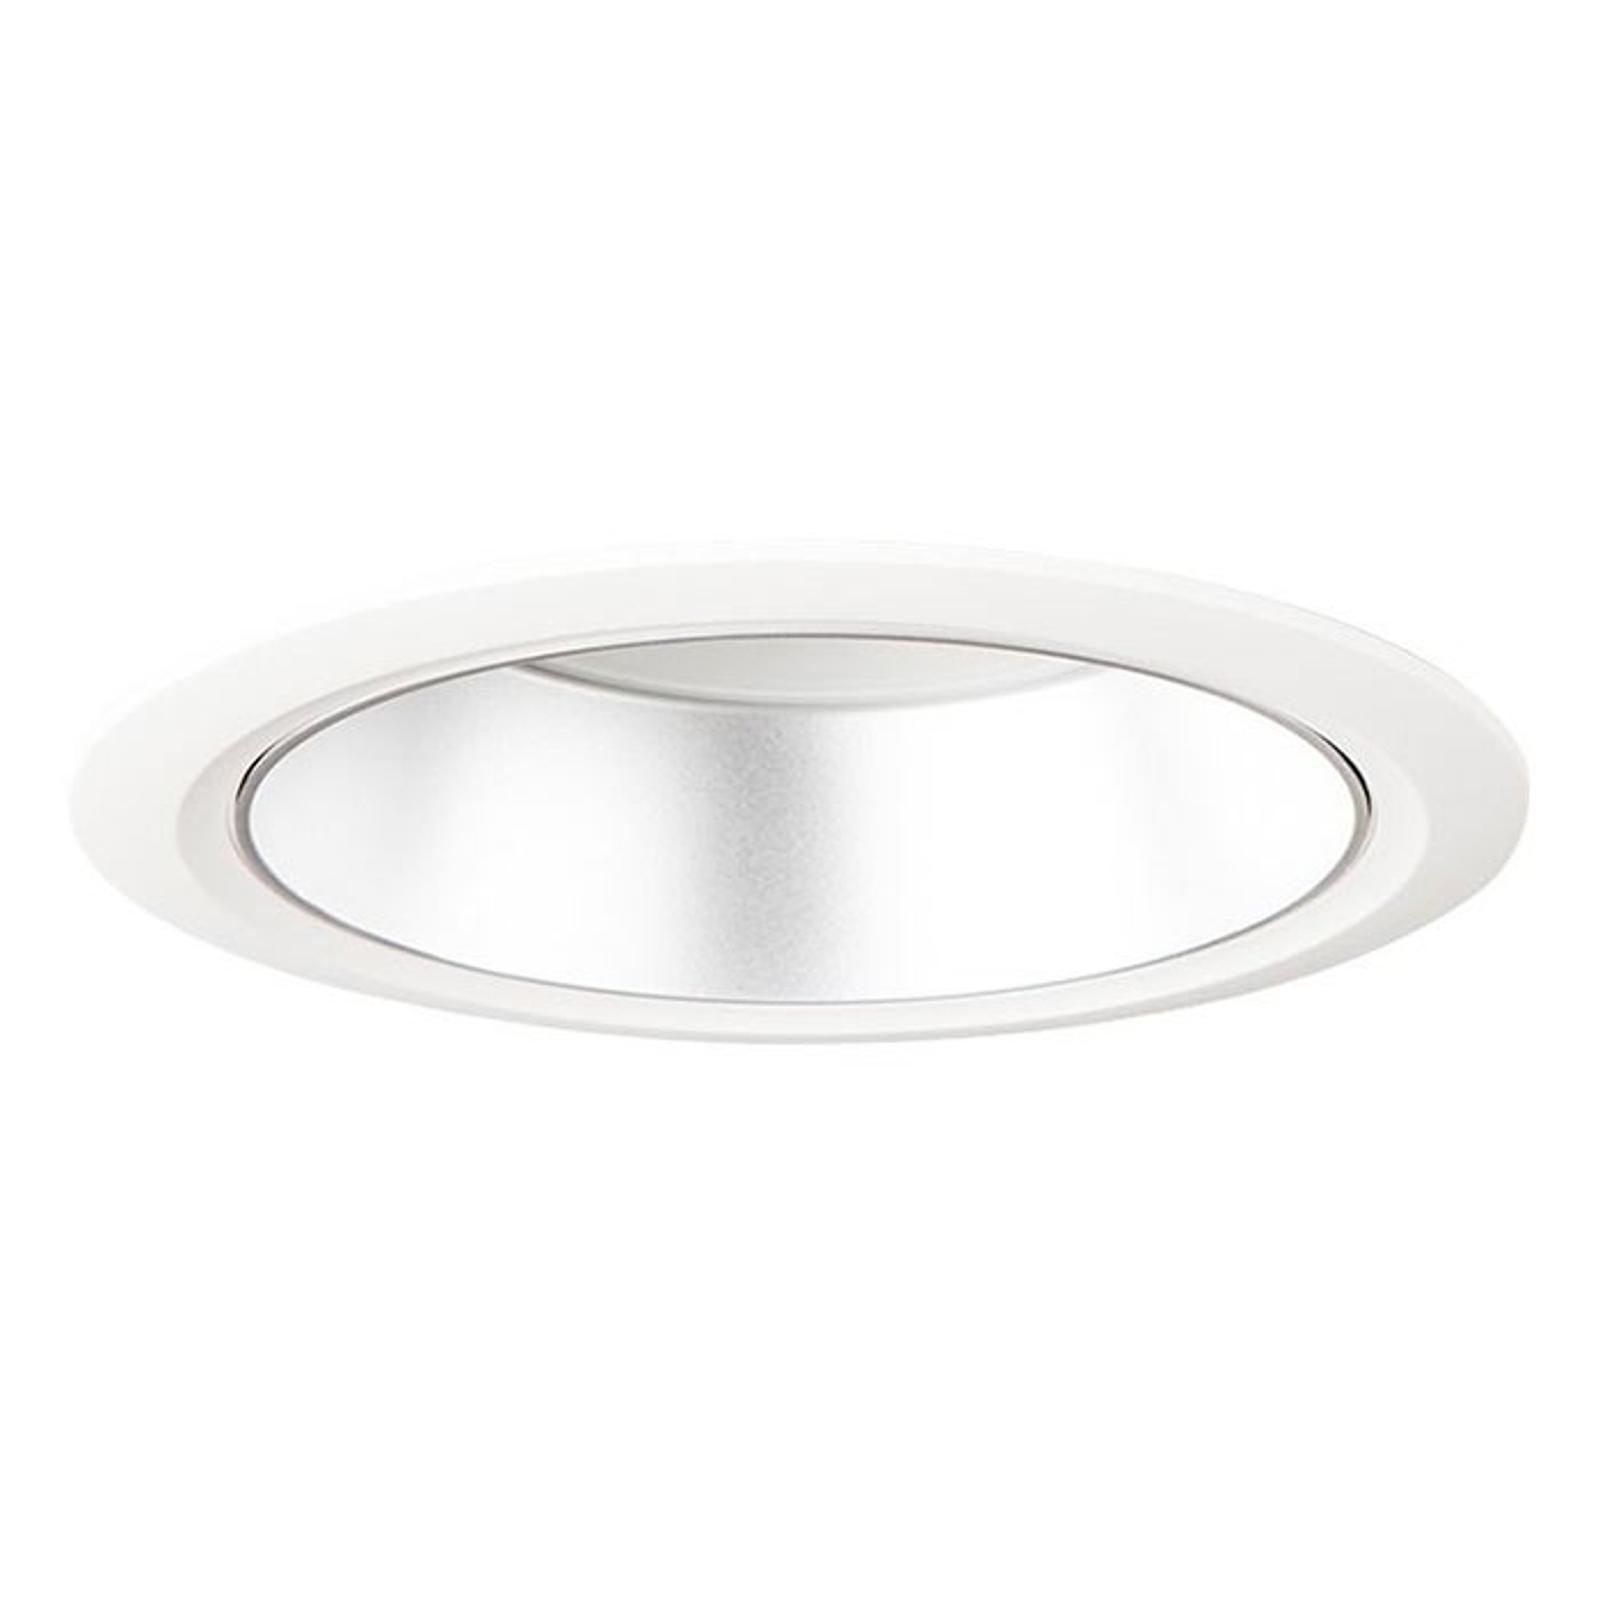 D70-RF155 HF LED-downlight 4 000 K hvit/matt sølv